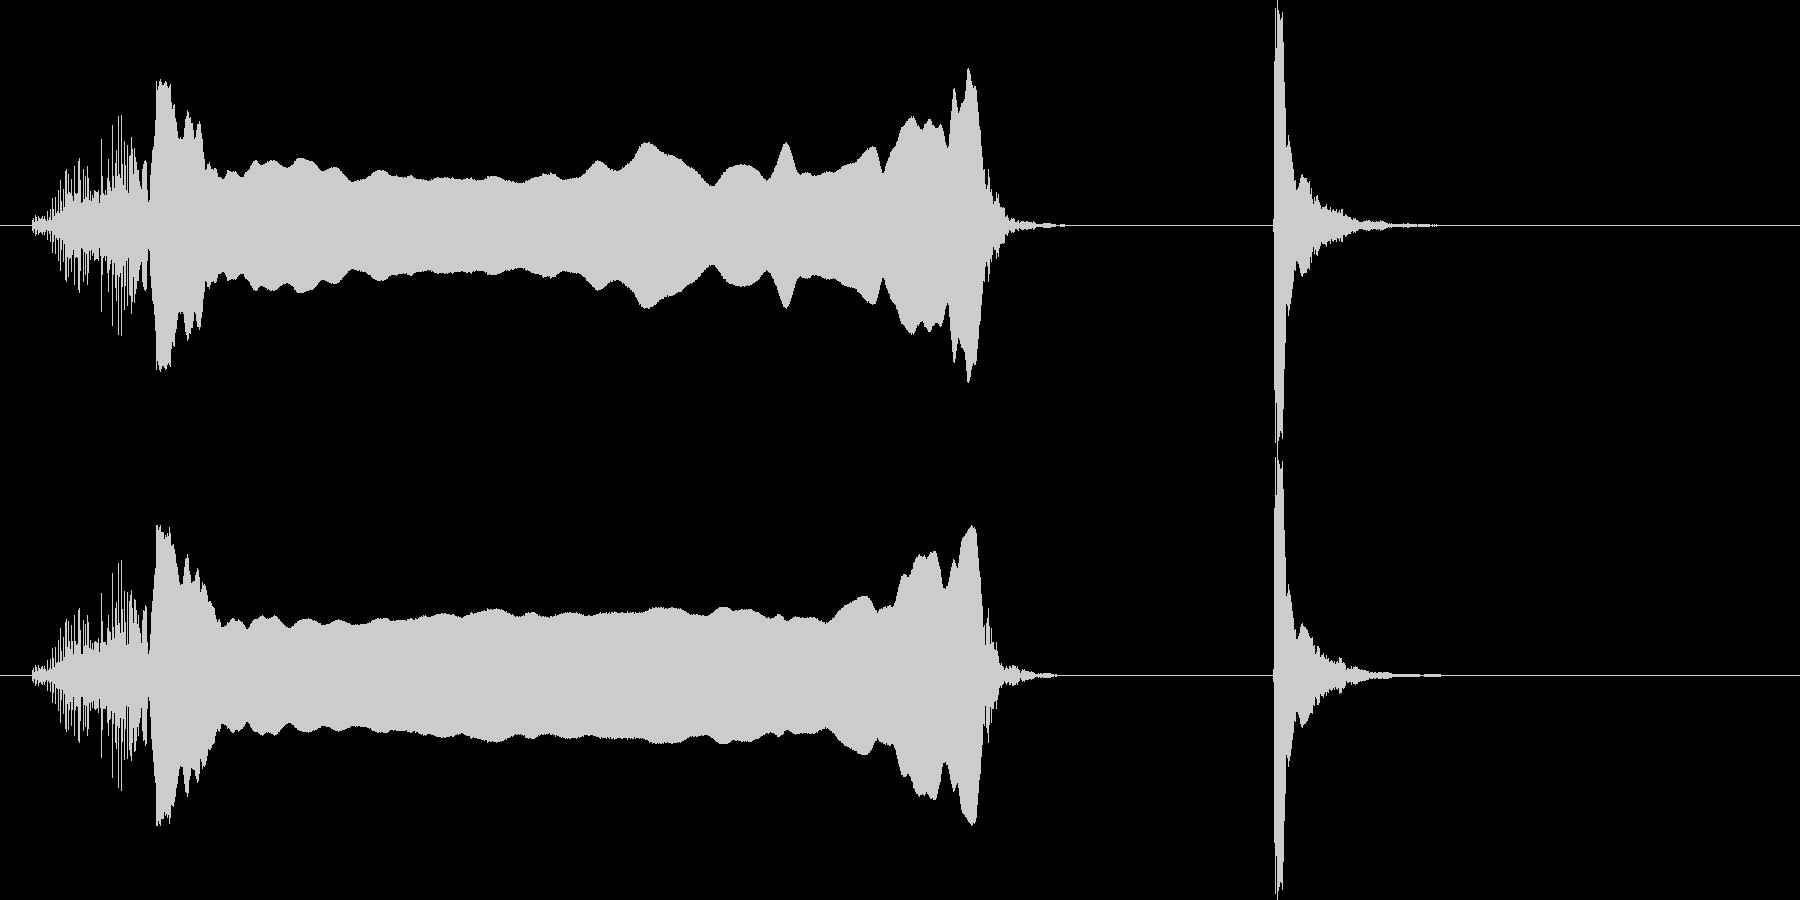 「イヨーポン」の未再生の波形